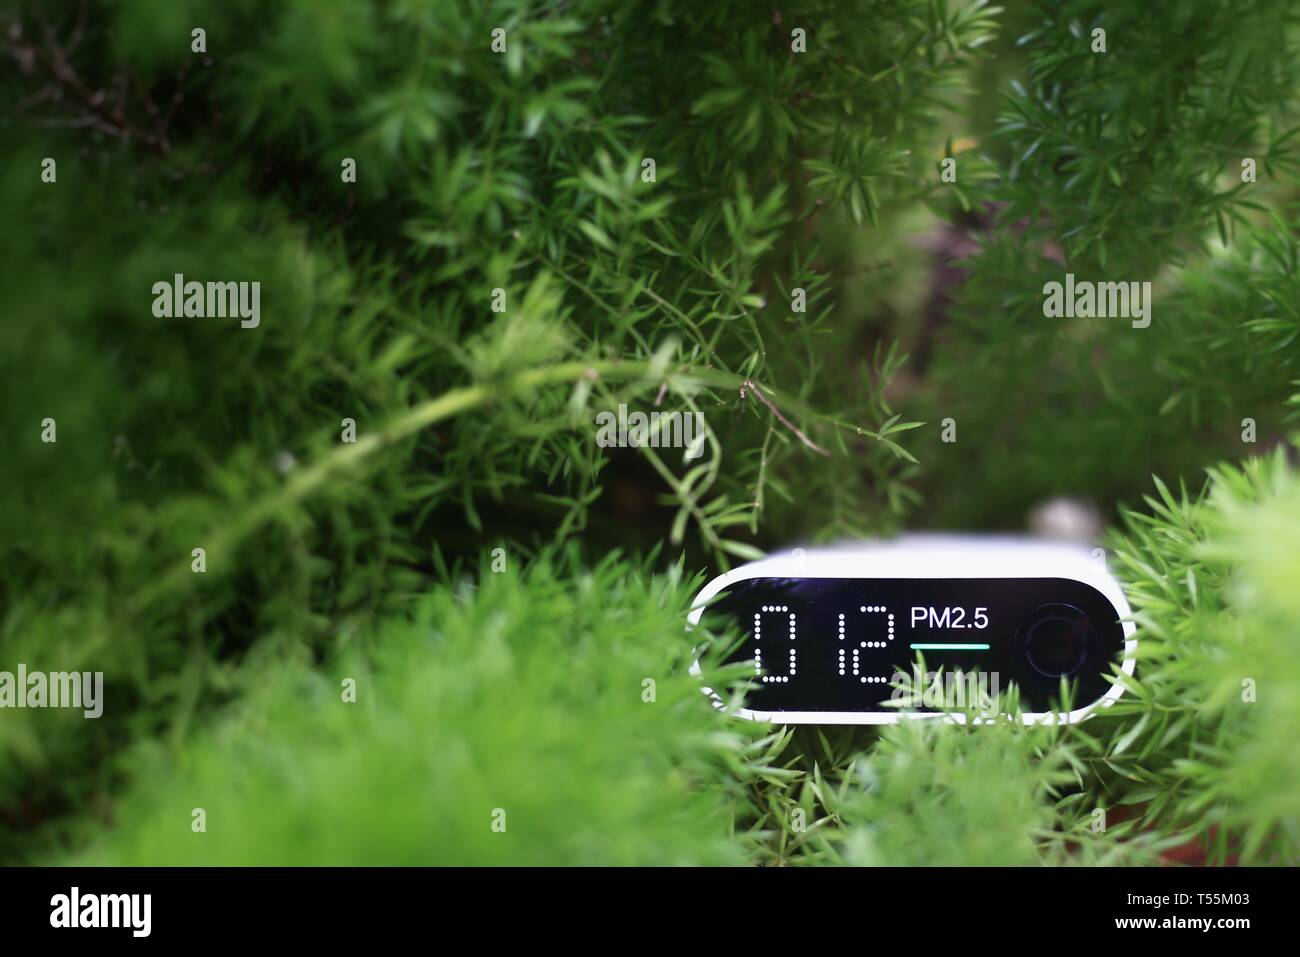 Medición de la calidad del aire exterior. de material particulado (PM 2.5.2.5) el sensor en un pequeño polvo nocivo. Bush indicó detector de calidad aceptable del aire saludable Foto de stock